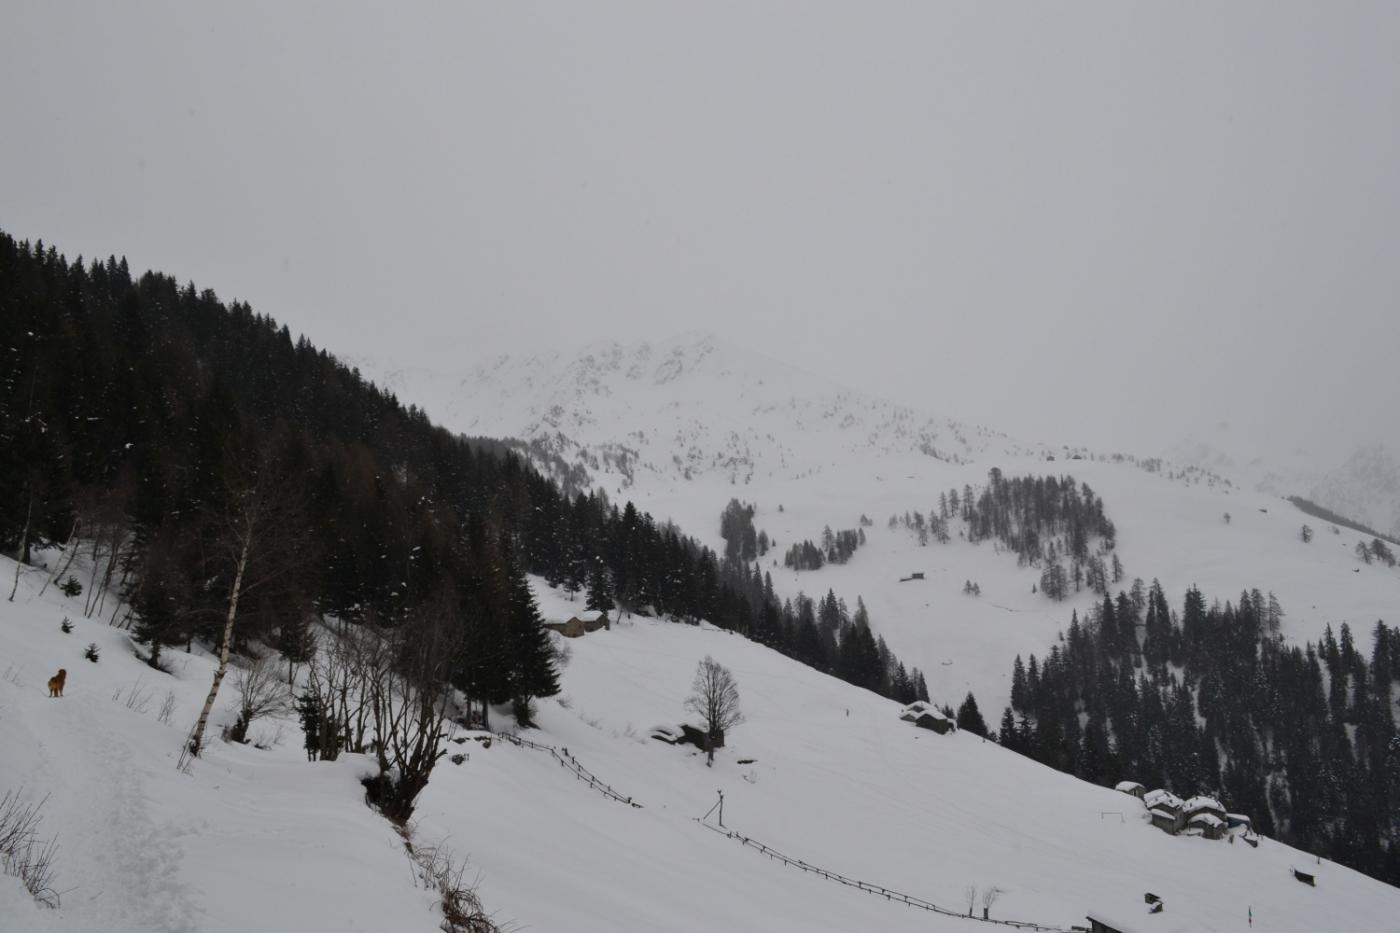 verso il Rifugio Alpe Piazza